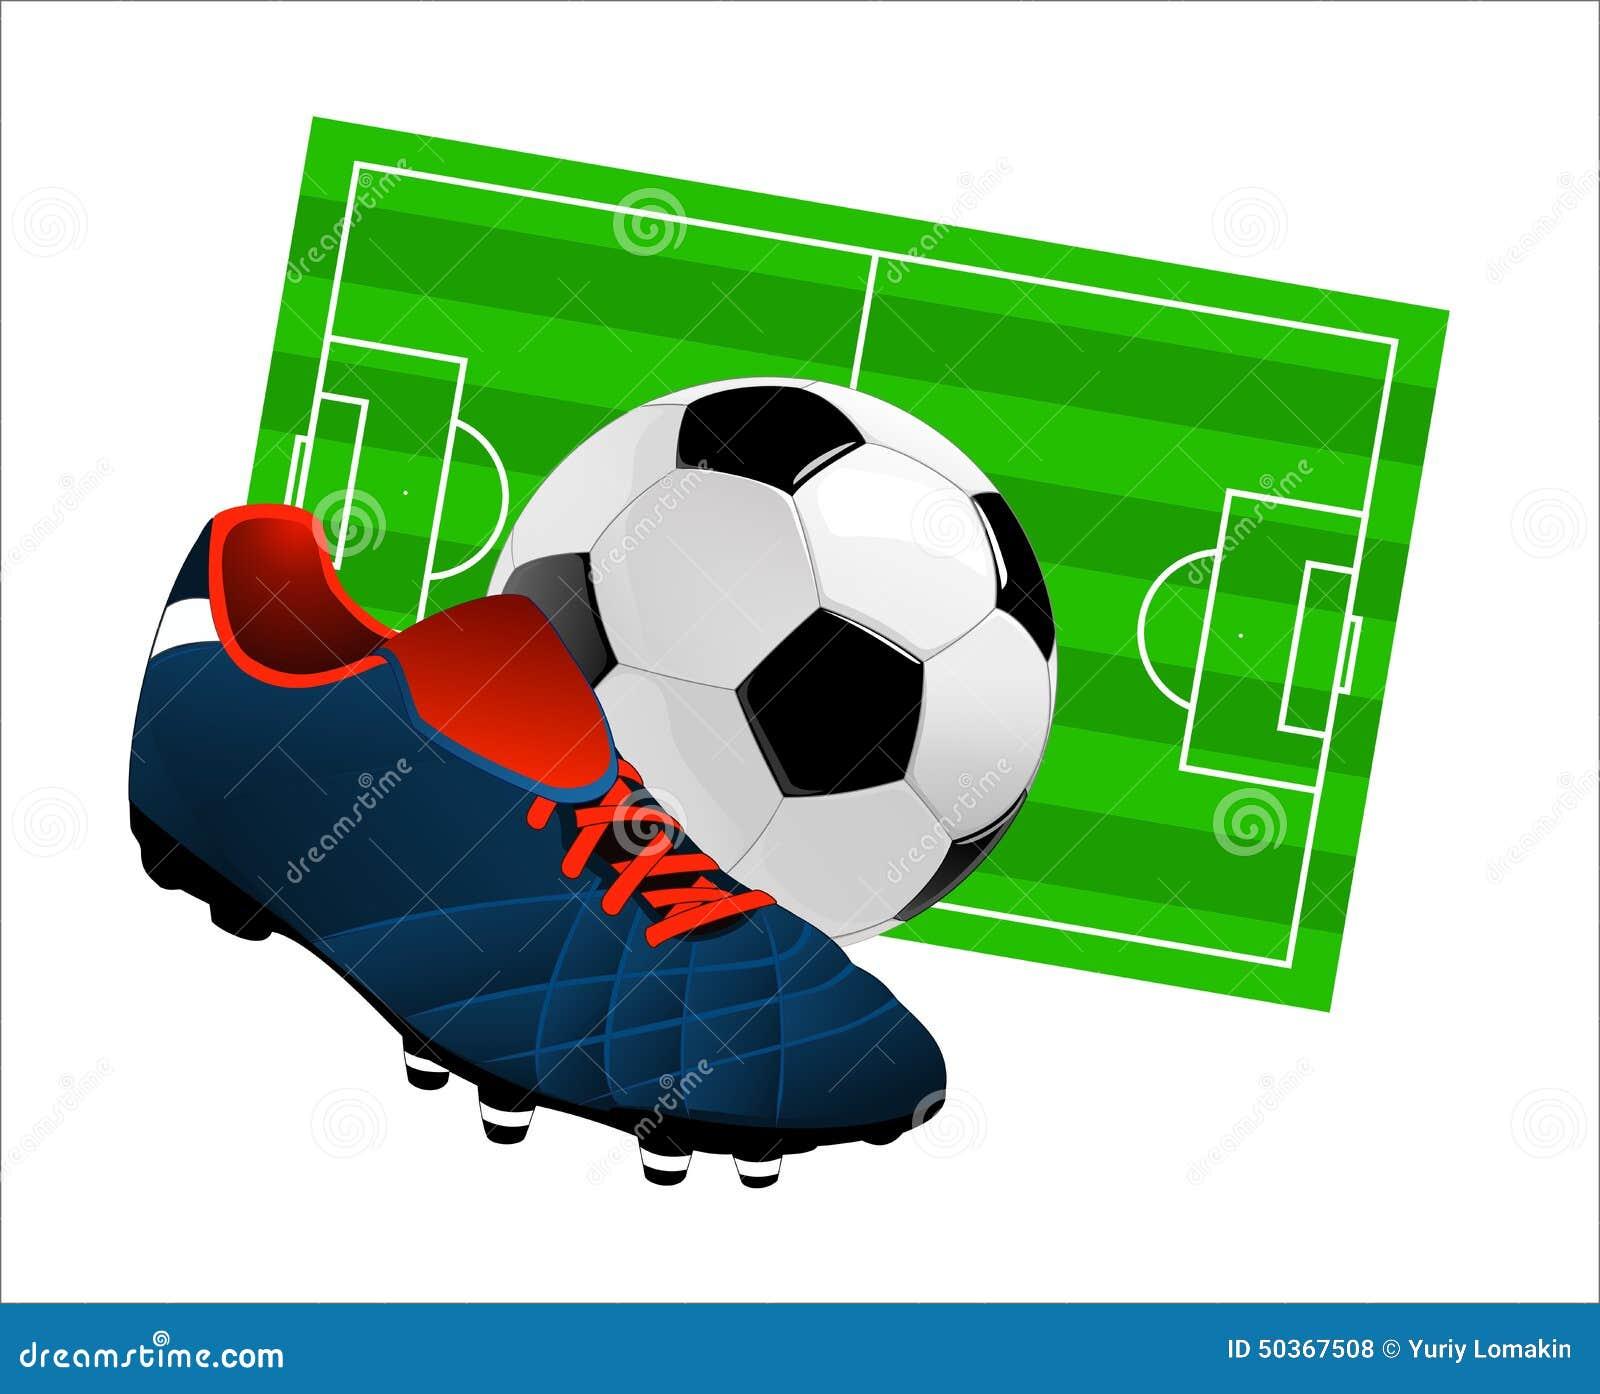 Artigos do futebol ilustração stock. Ilustração de porta - 50367508 c968067cbd9ed